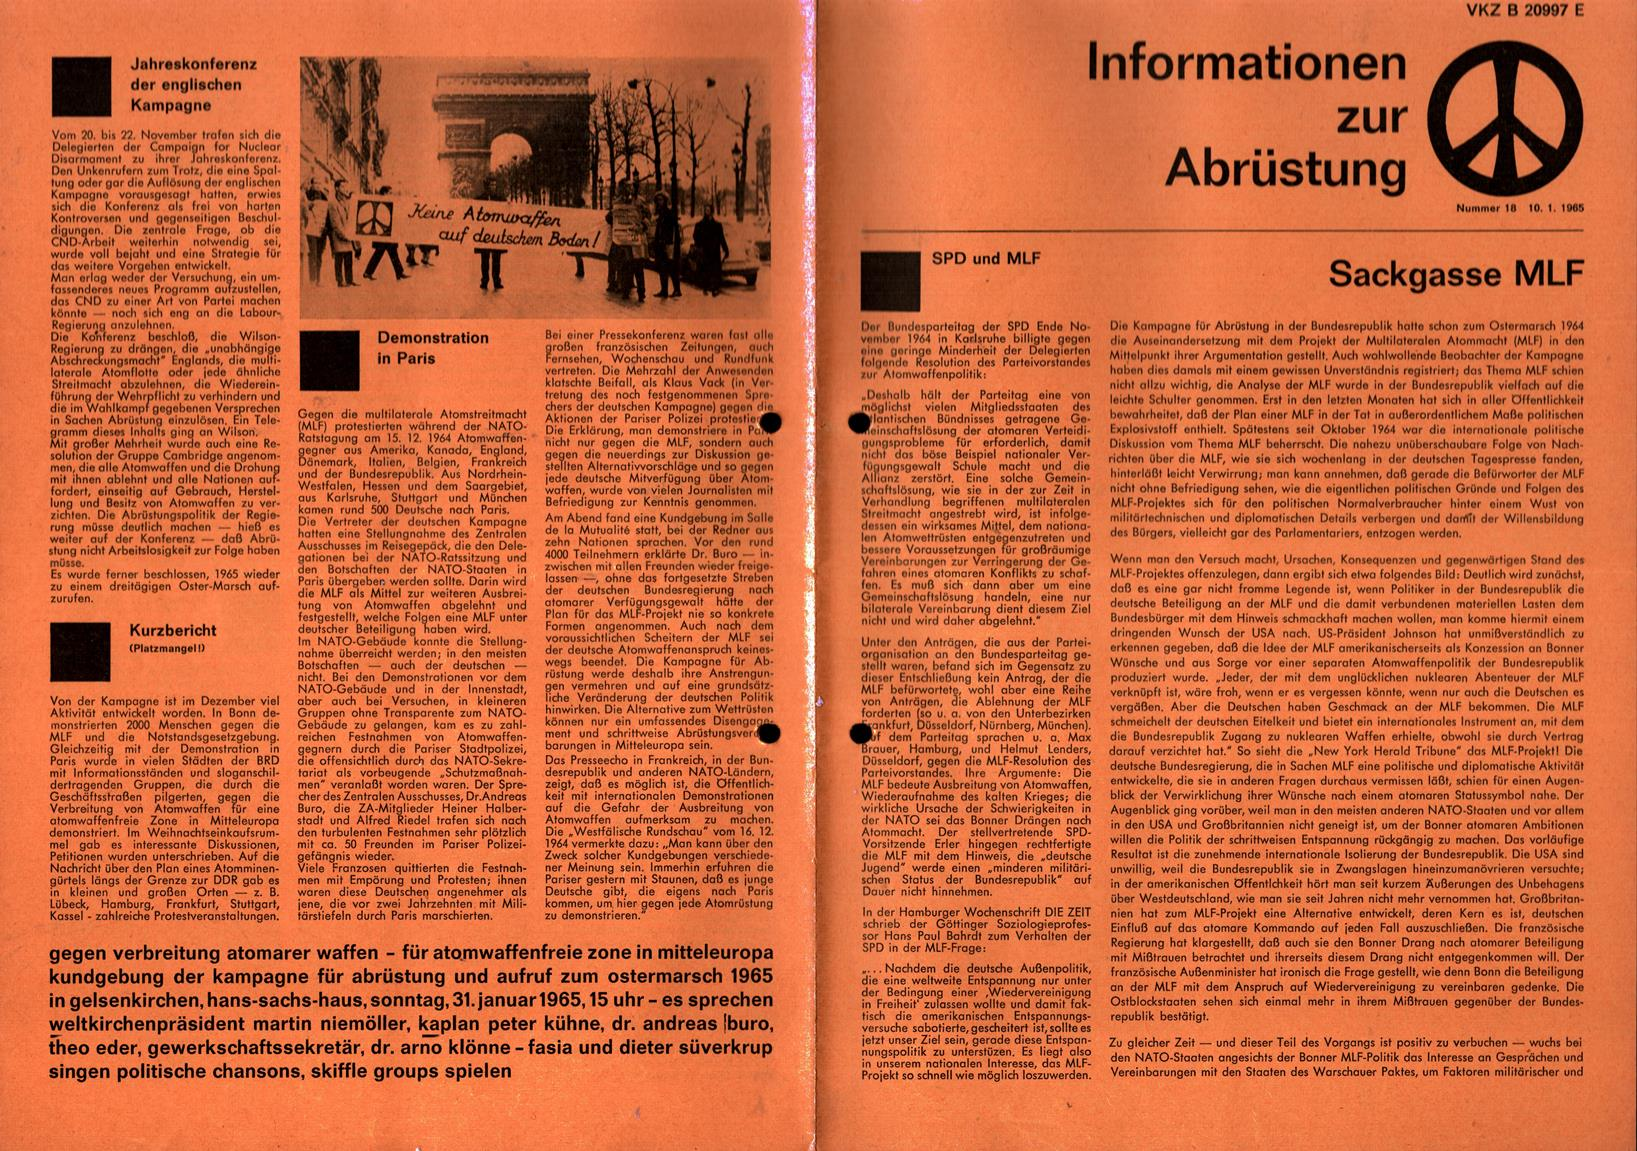 Infos_zur_Abruestung_1965_018_001